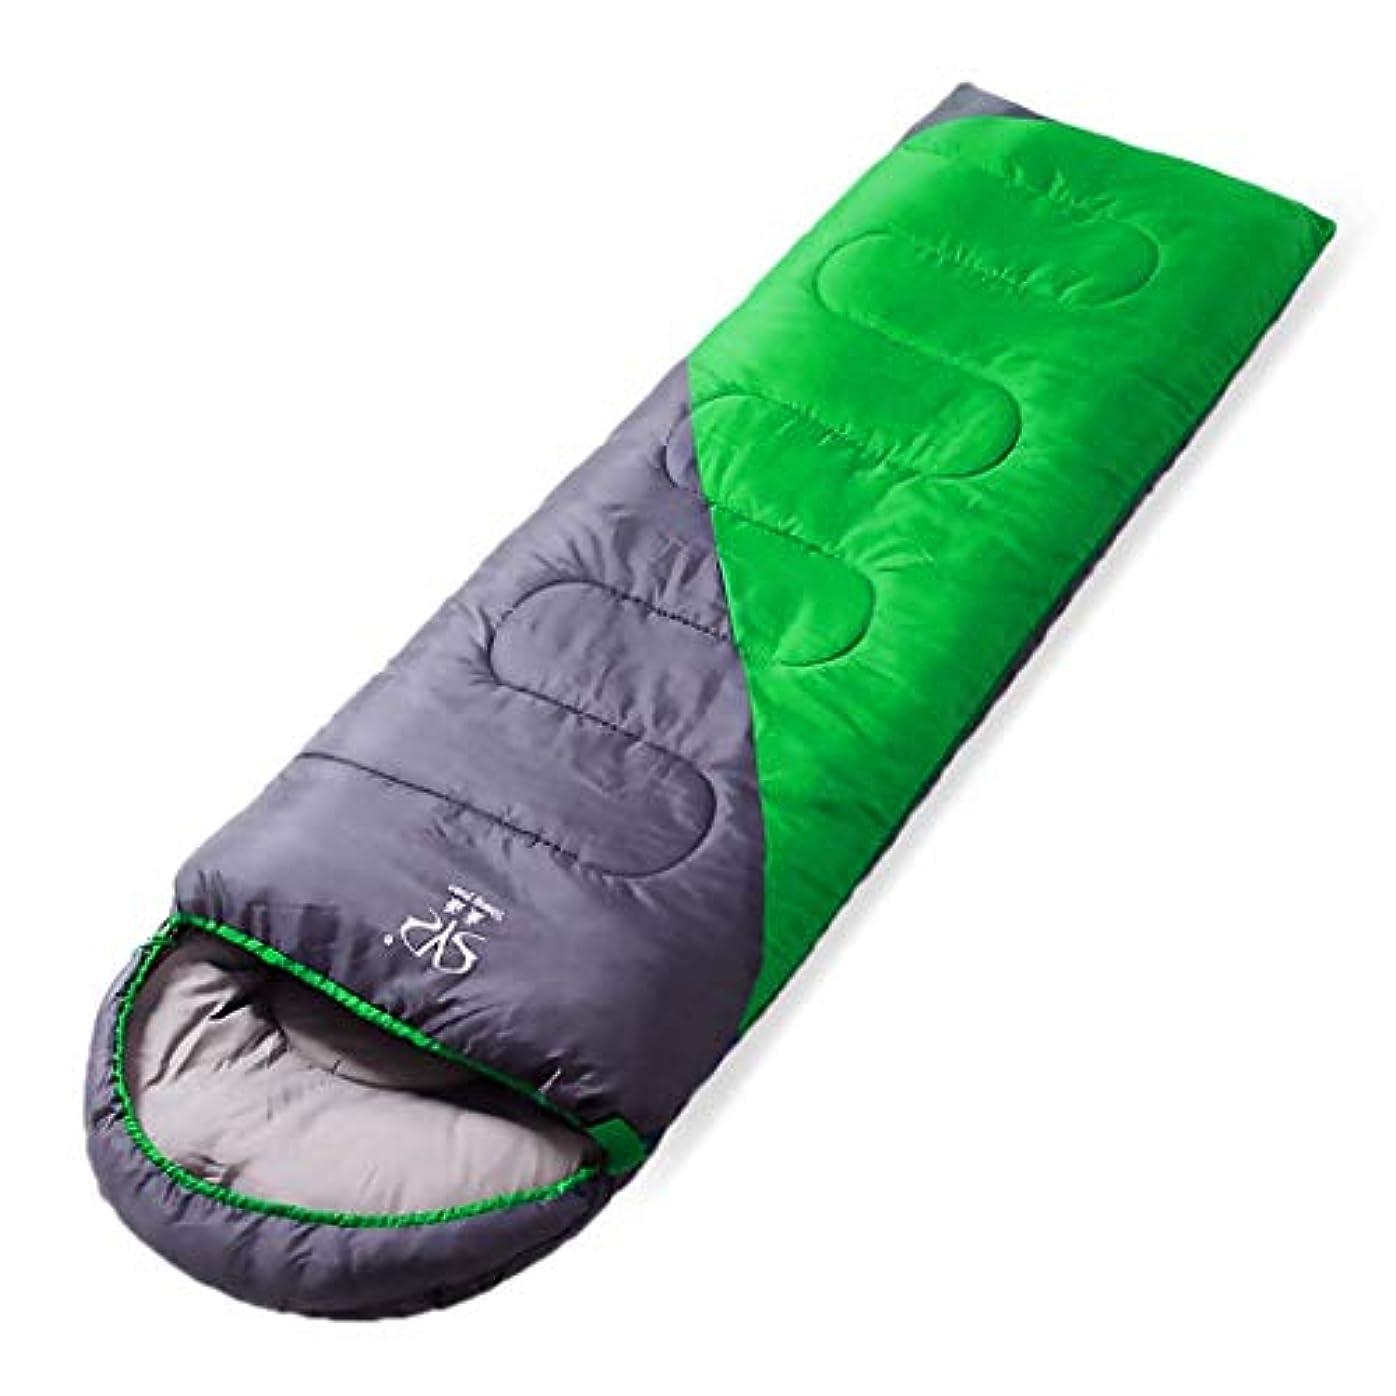 排除するメッセンジャーホットキャンプスリーピングバッグ、軽量封筒スリーピングバッグ旅行のためのパーフェクトキャンプハイキング屋内屋外活動